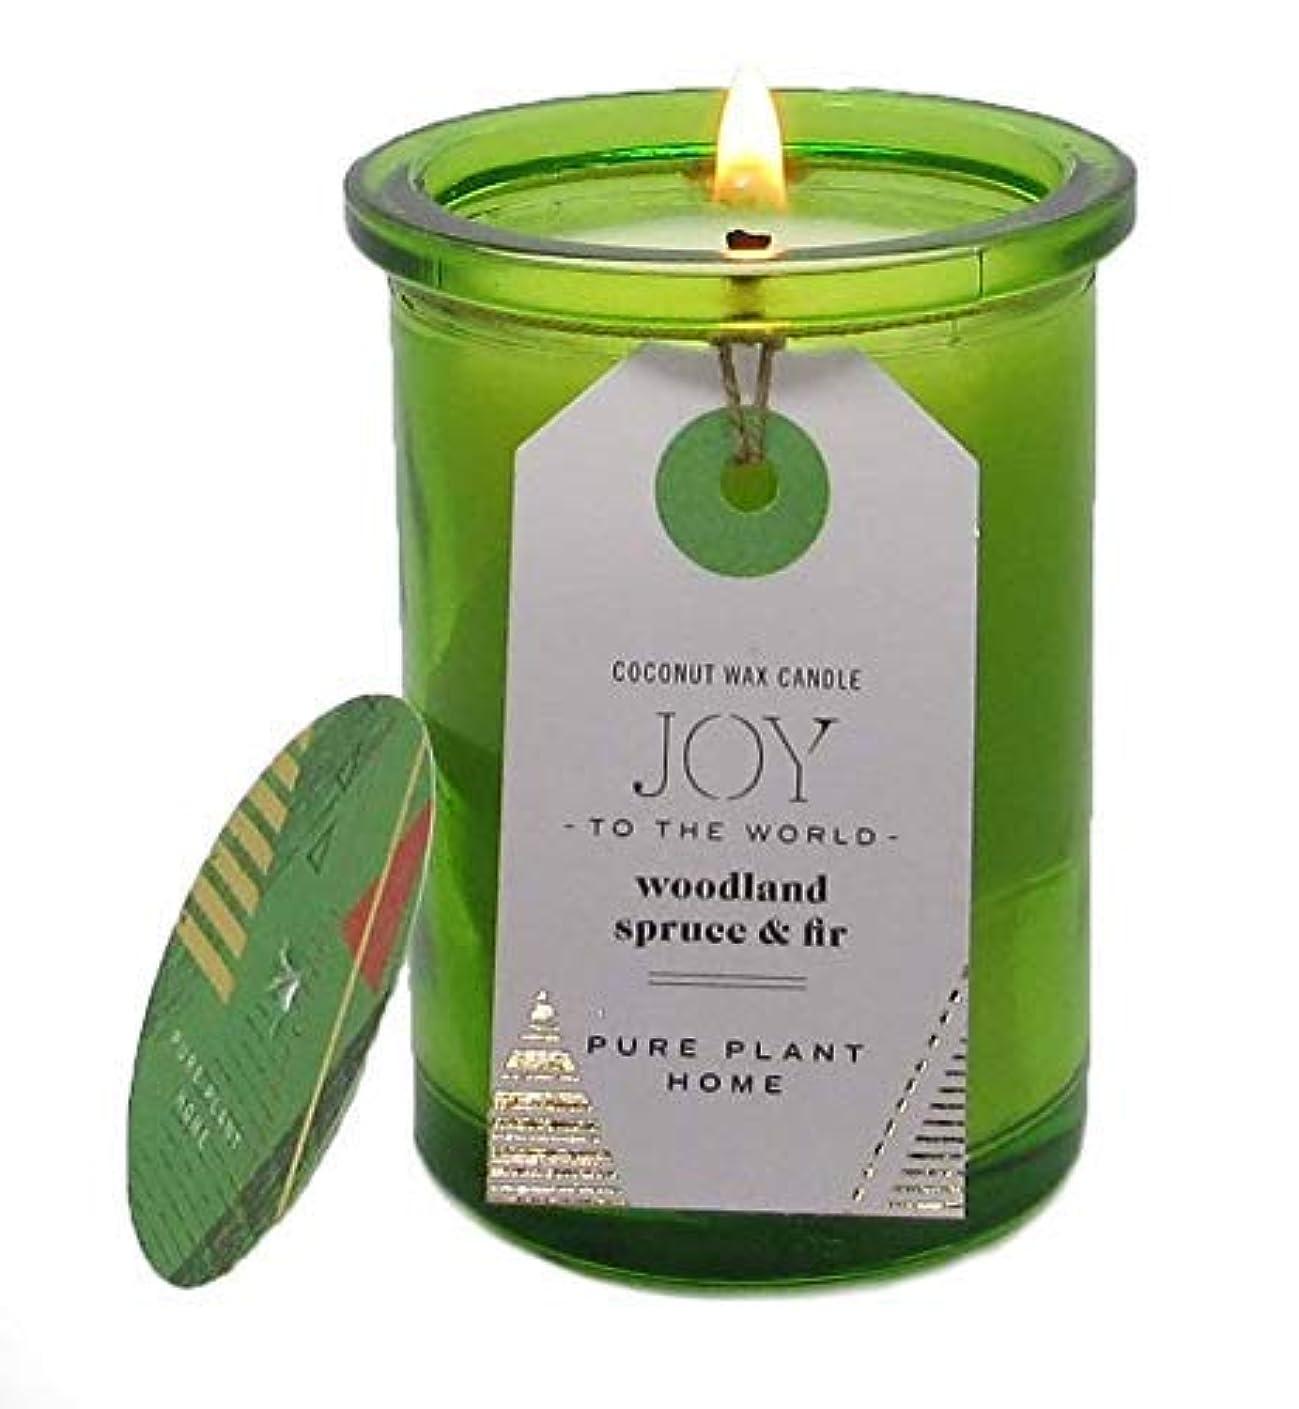 政治家の同僚屋内でピュア植物ホームSpruce & Fir Coconut Wax Candle